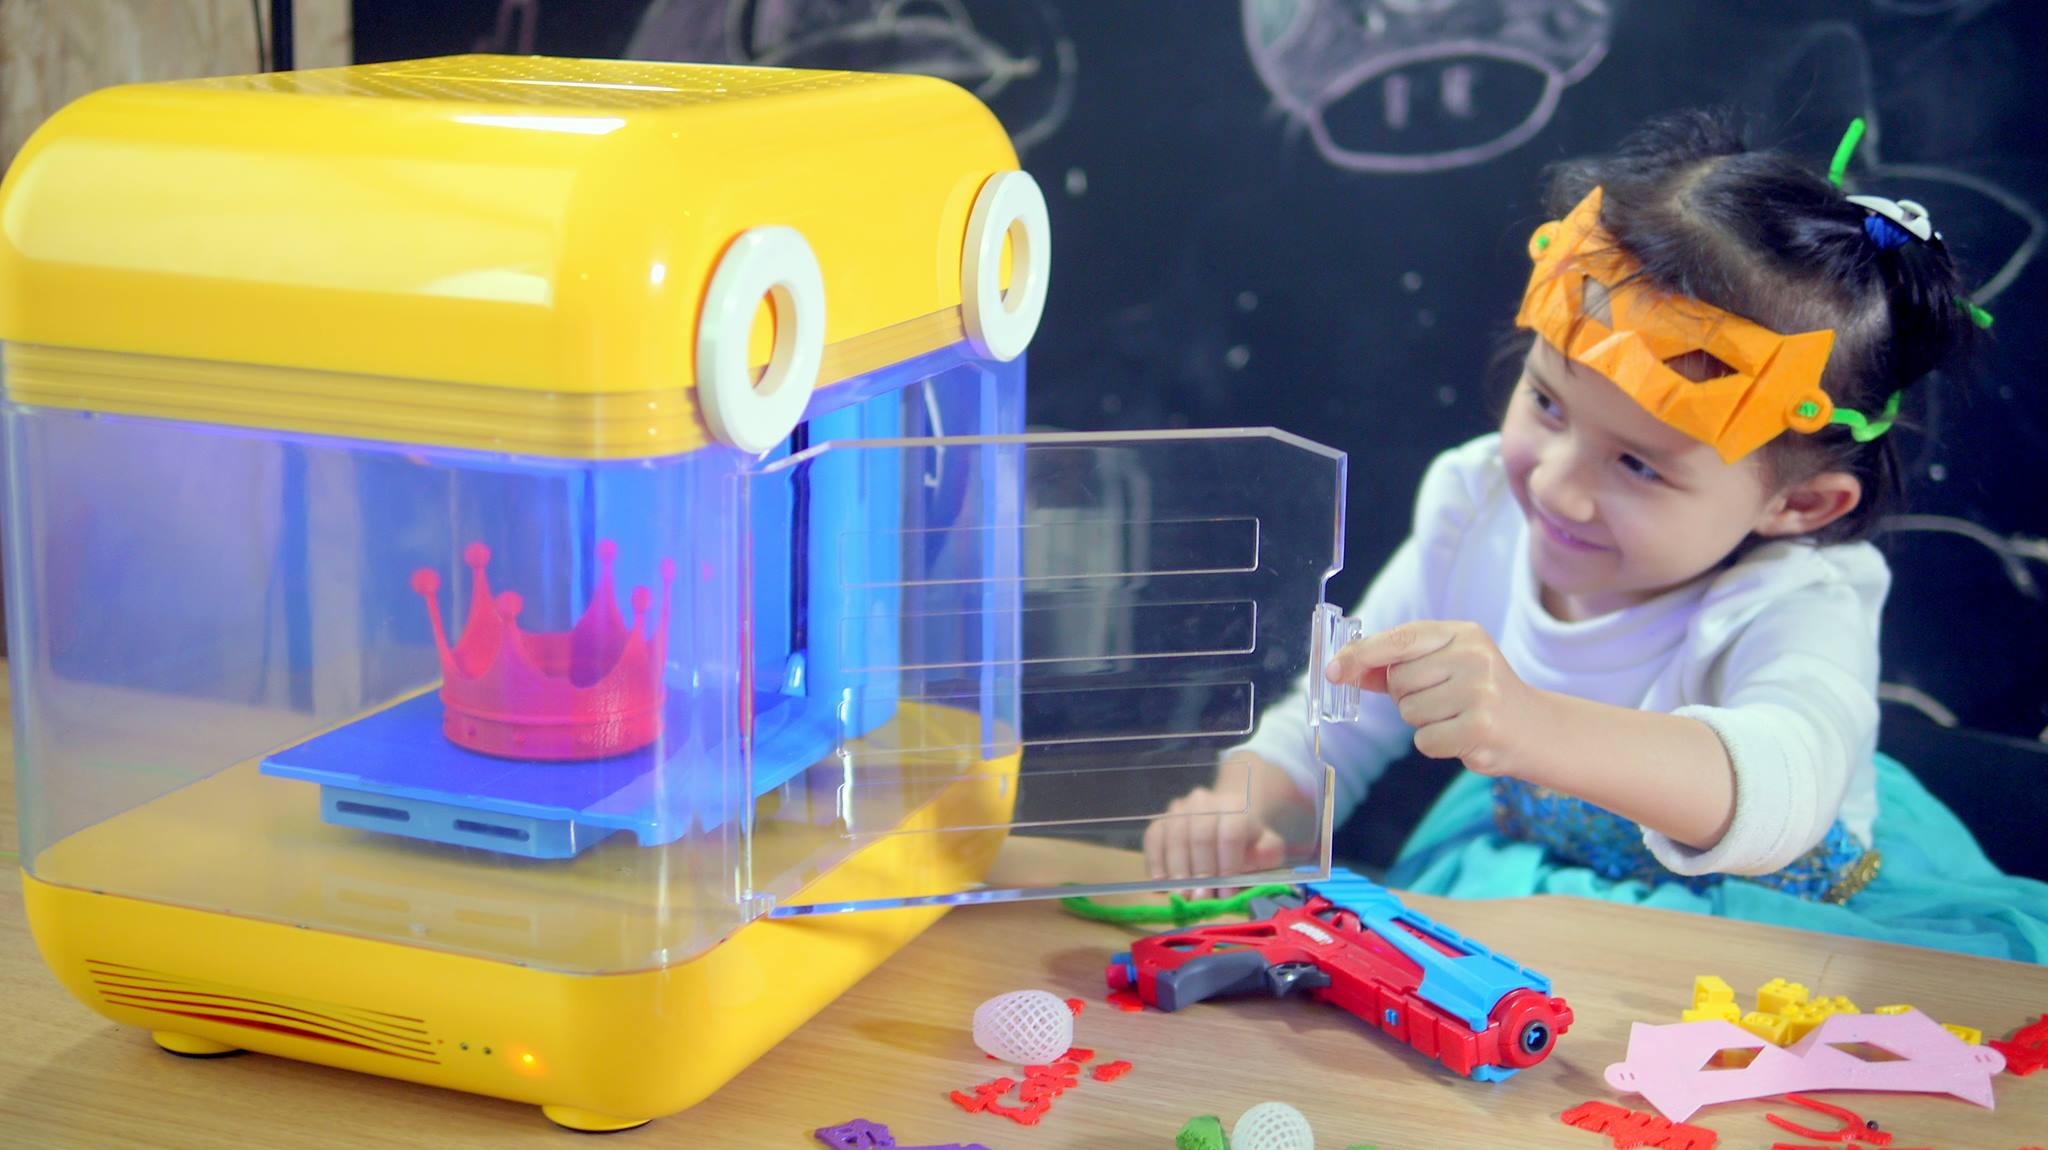 jucarii pentru copii printate 3d